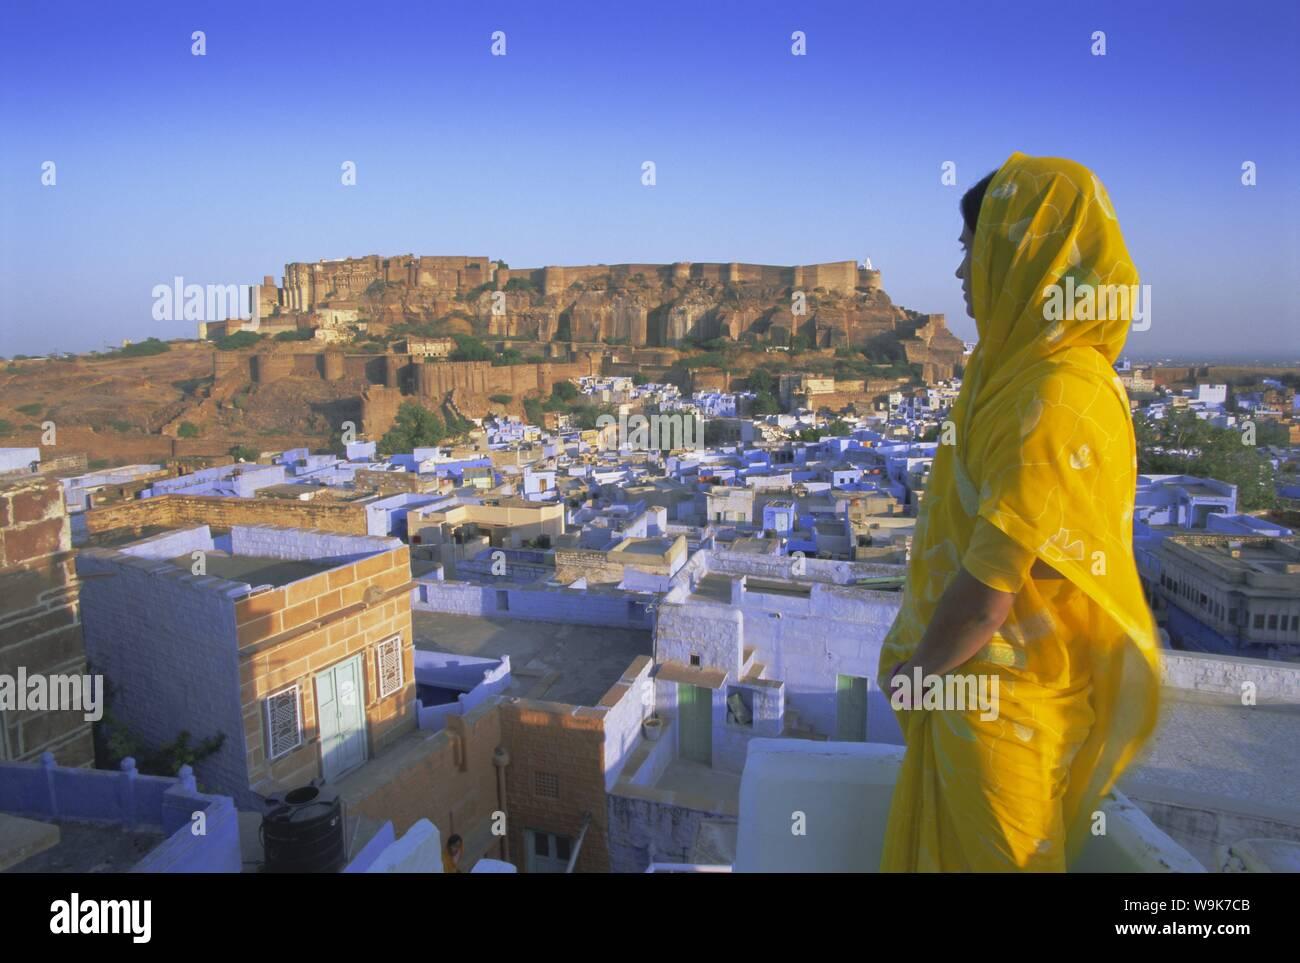 Una donna in un sari giallo guardando verso il 'città blu' e fort, Jodhpur, stato del Rajasthan, India, Asia Foto Stock